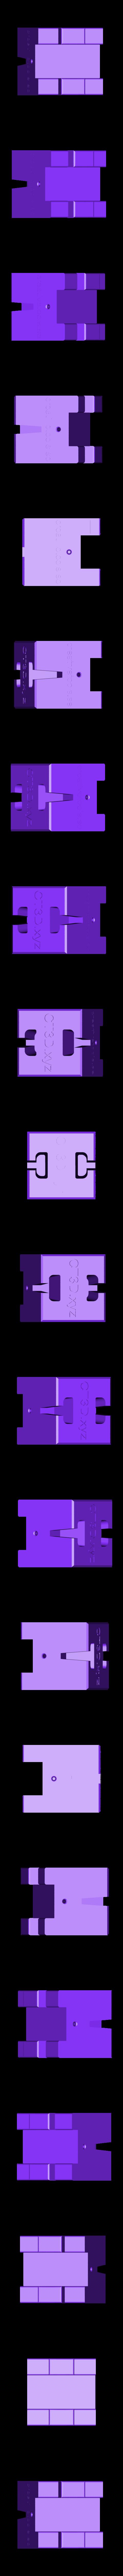 Wall_Small_(Modular Castle Playset - 3D-printable)_By_CreativeTools.se.stl Télécharger fichier STL gratuit Plateau modulaire de château (imprimable en 3D) • Modèle à imprimer en 3D, CreativeTools